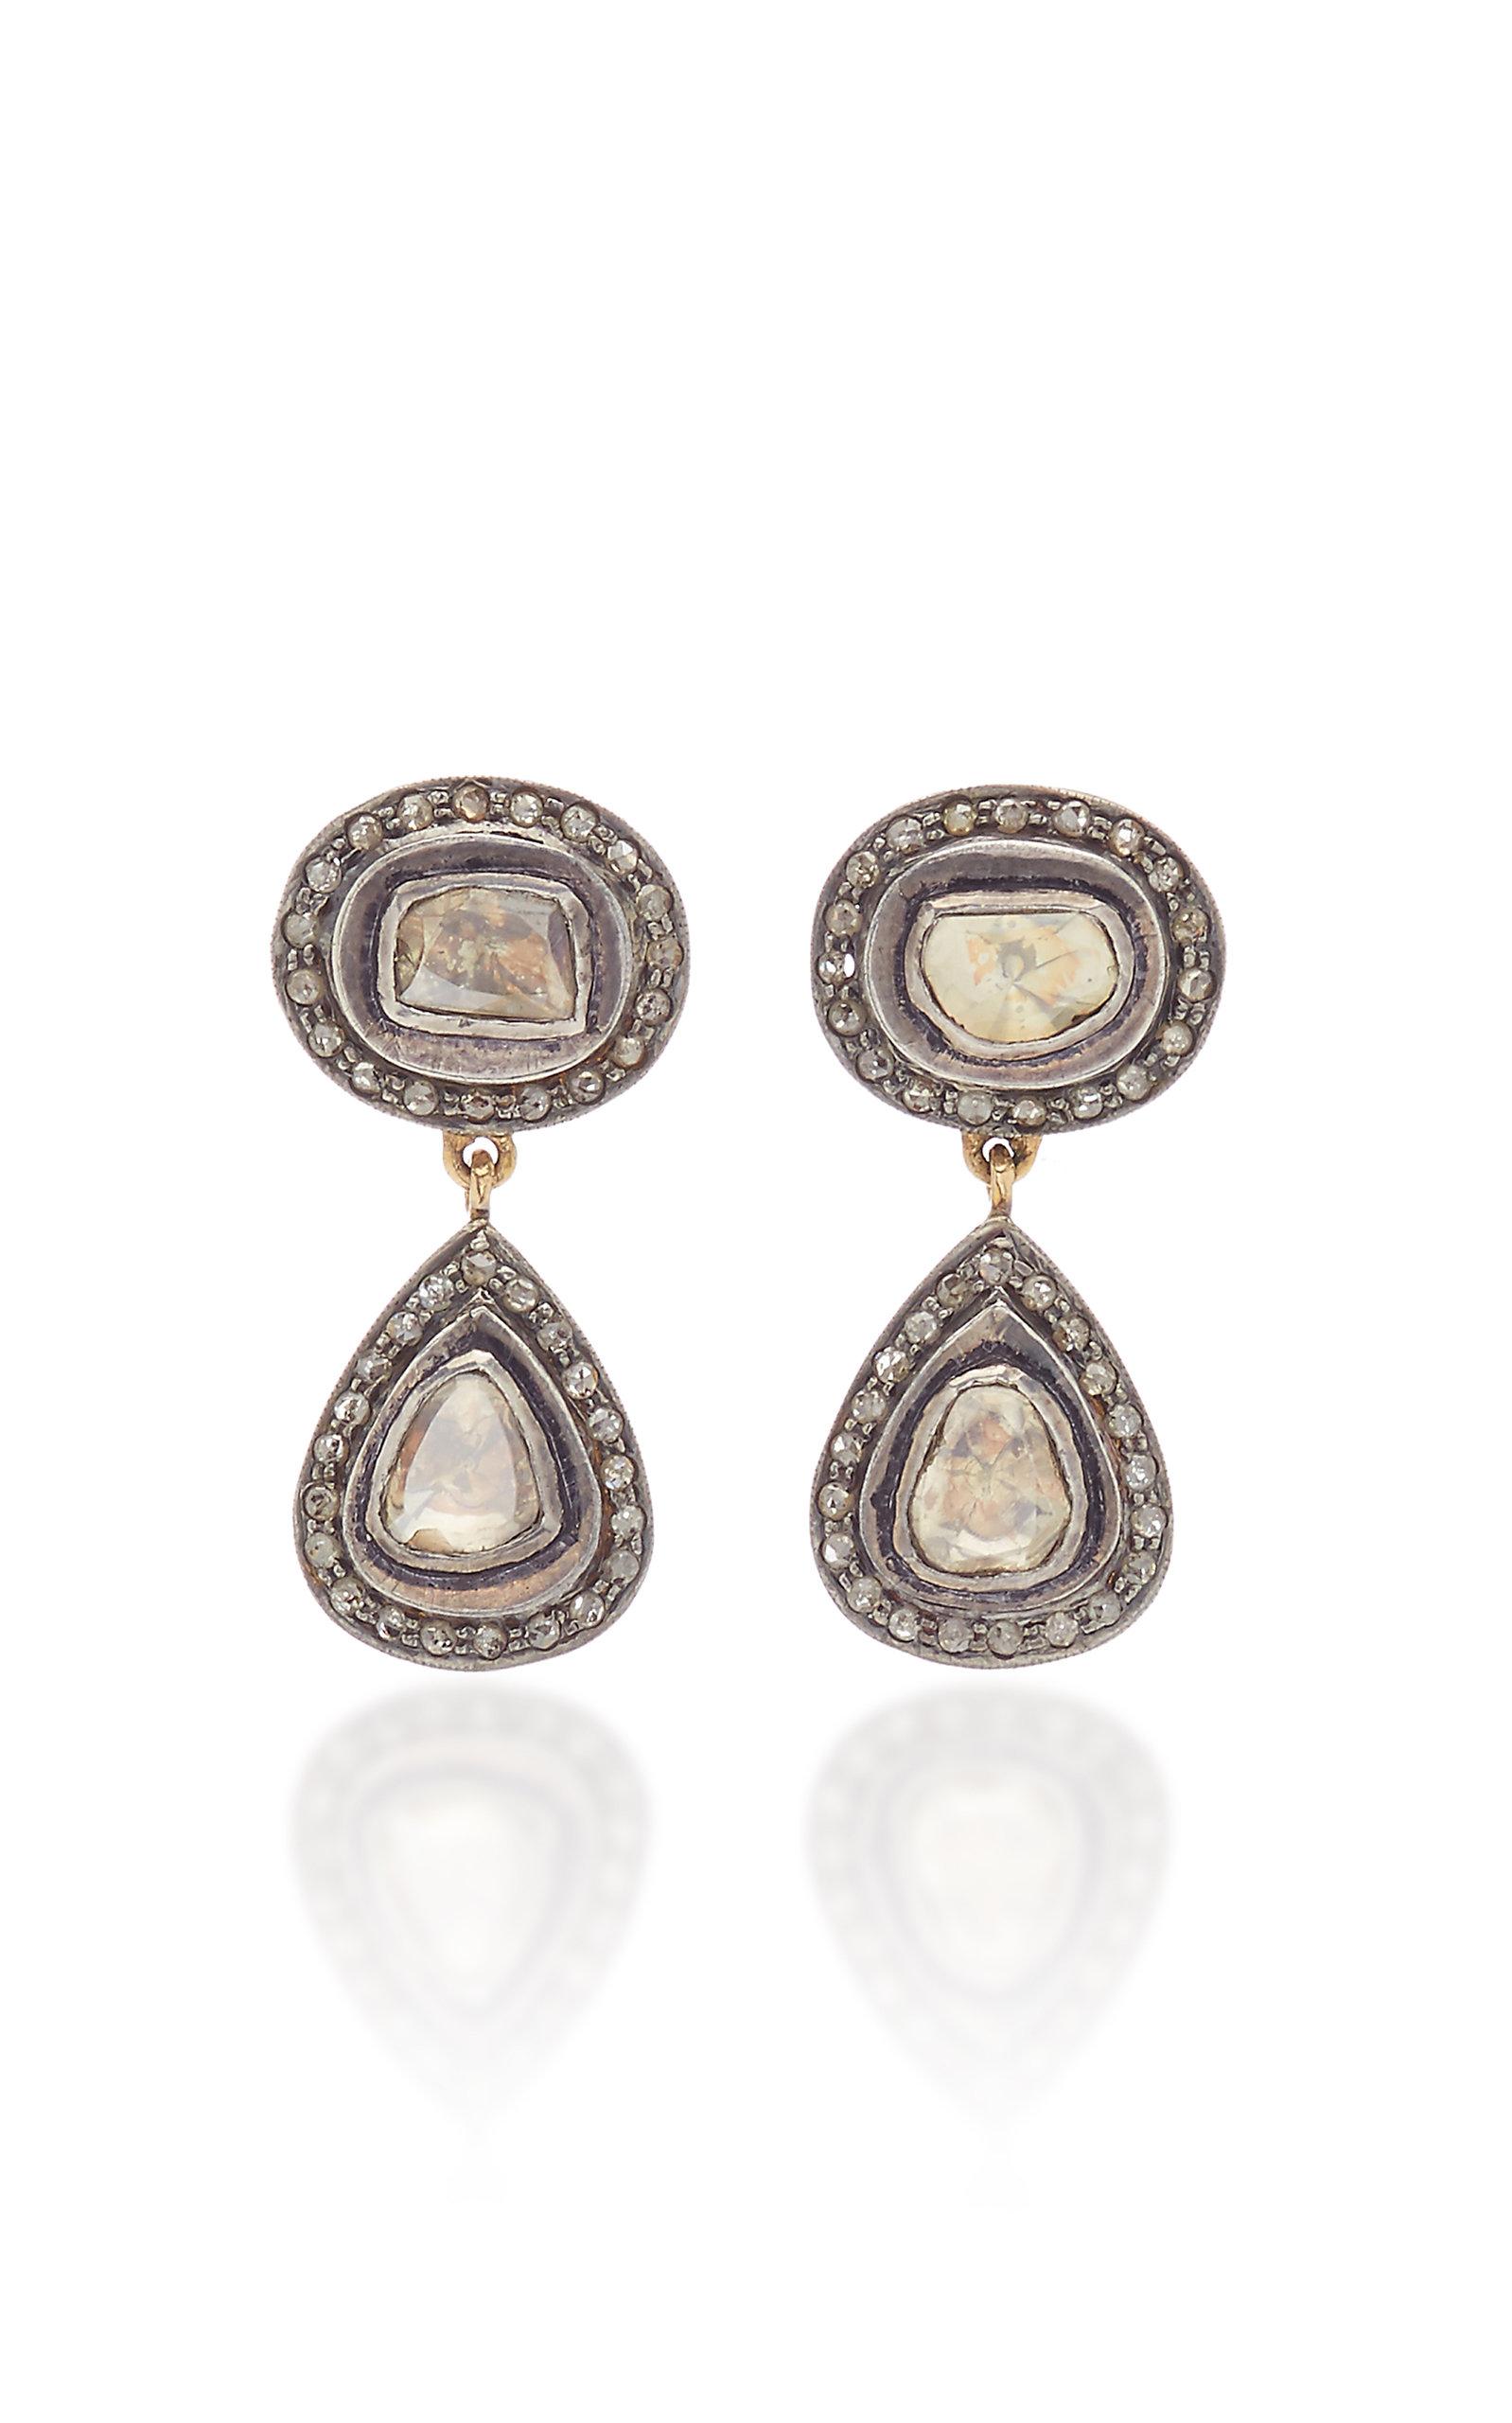 Women's Victorian 14K Yellow Gold Diamond Earrings